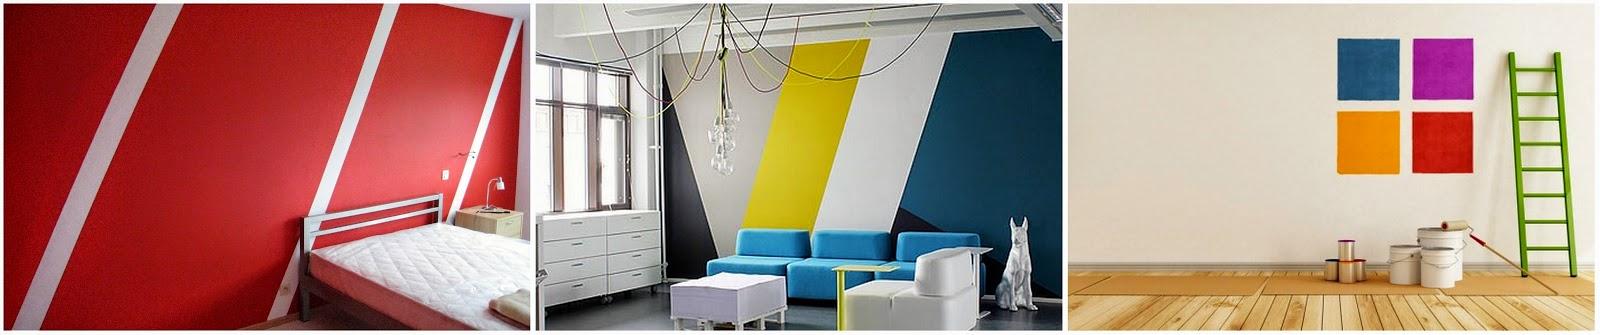 tarif peintre murs paris peintre professionnel cesu. Black Bedroom Furniture Sets. Home Design Ideas